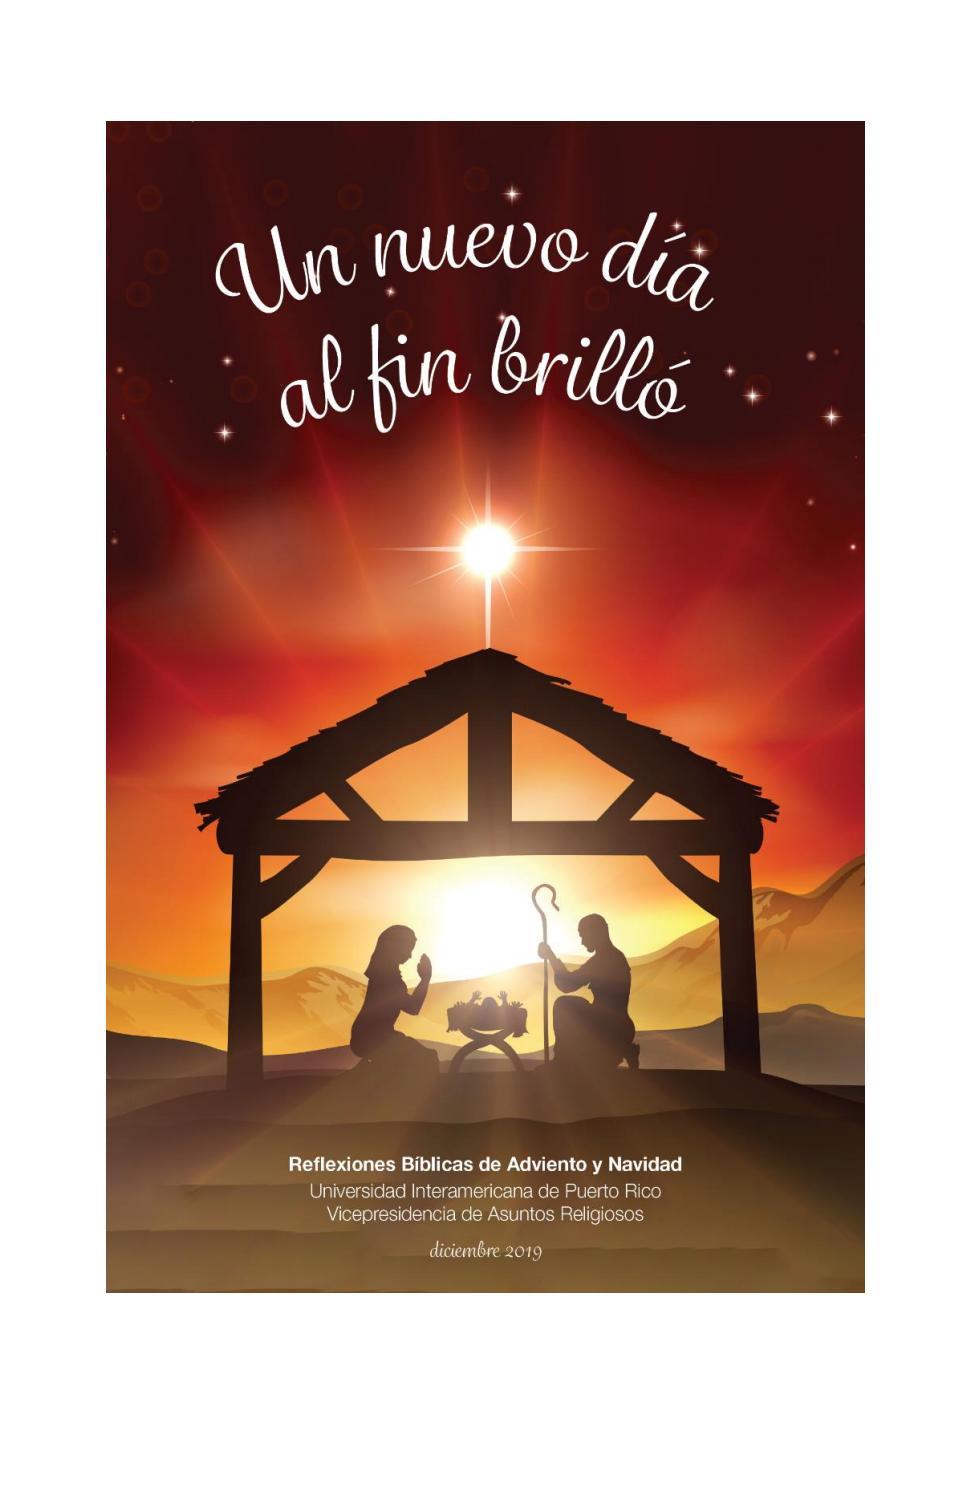 Reflexiones De Adviento Y Navidad 2019 2020 By